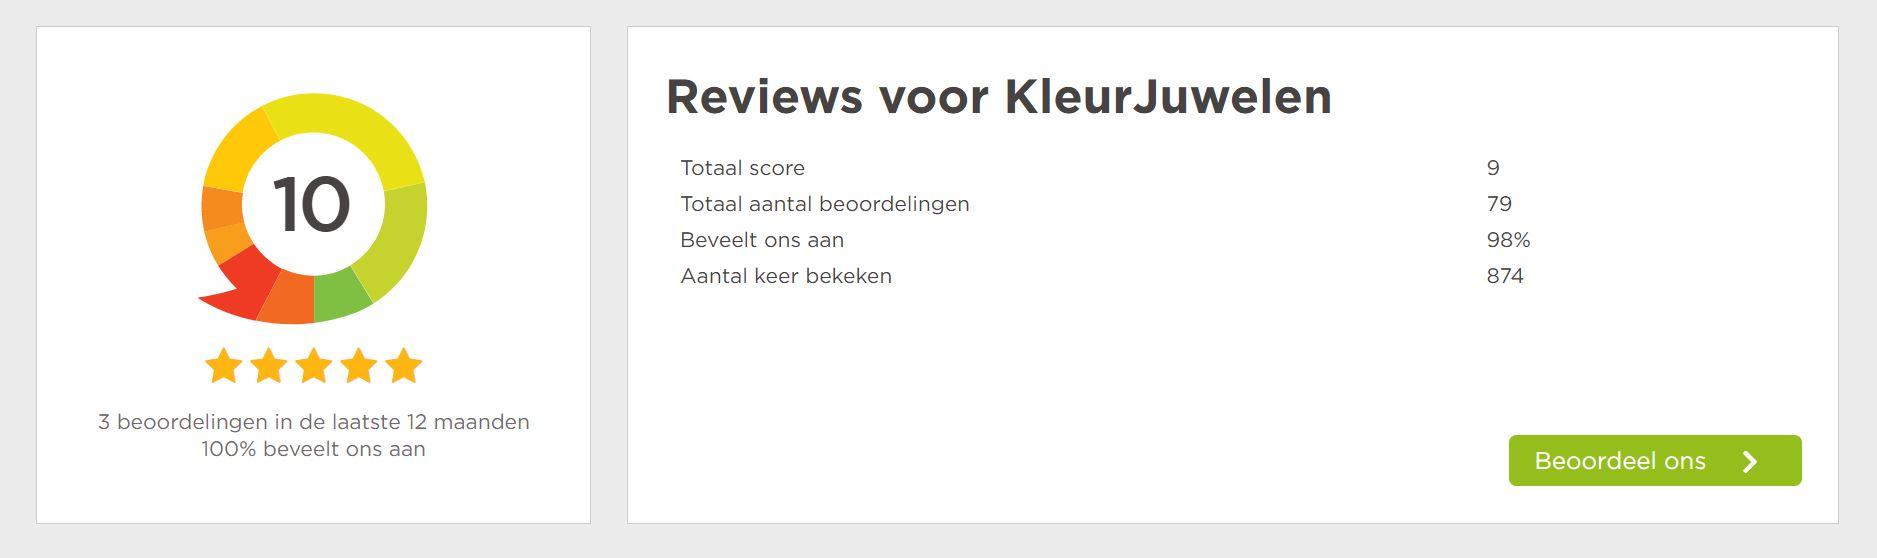 Reviews voor KleurJuwelen